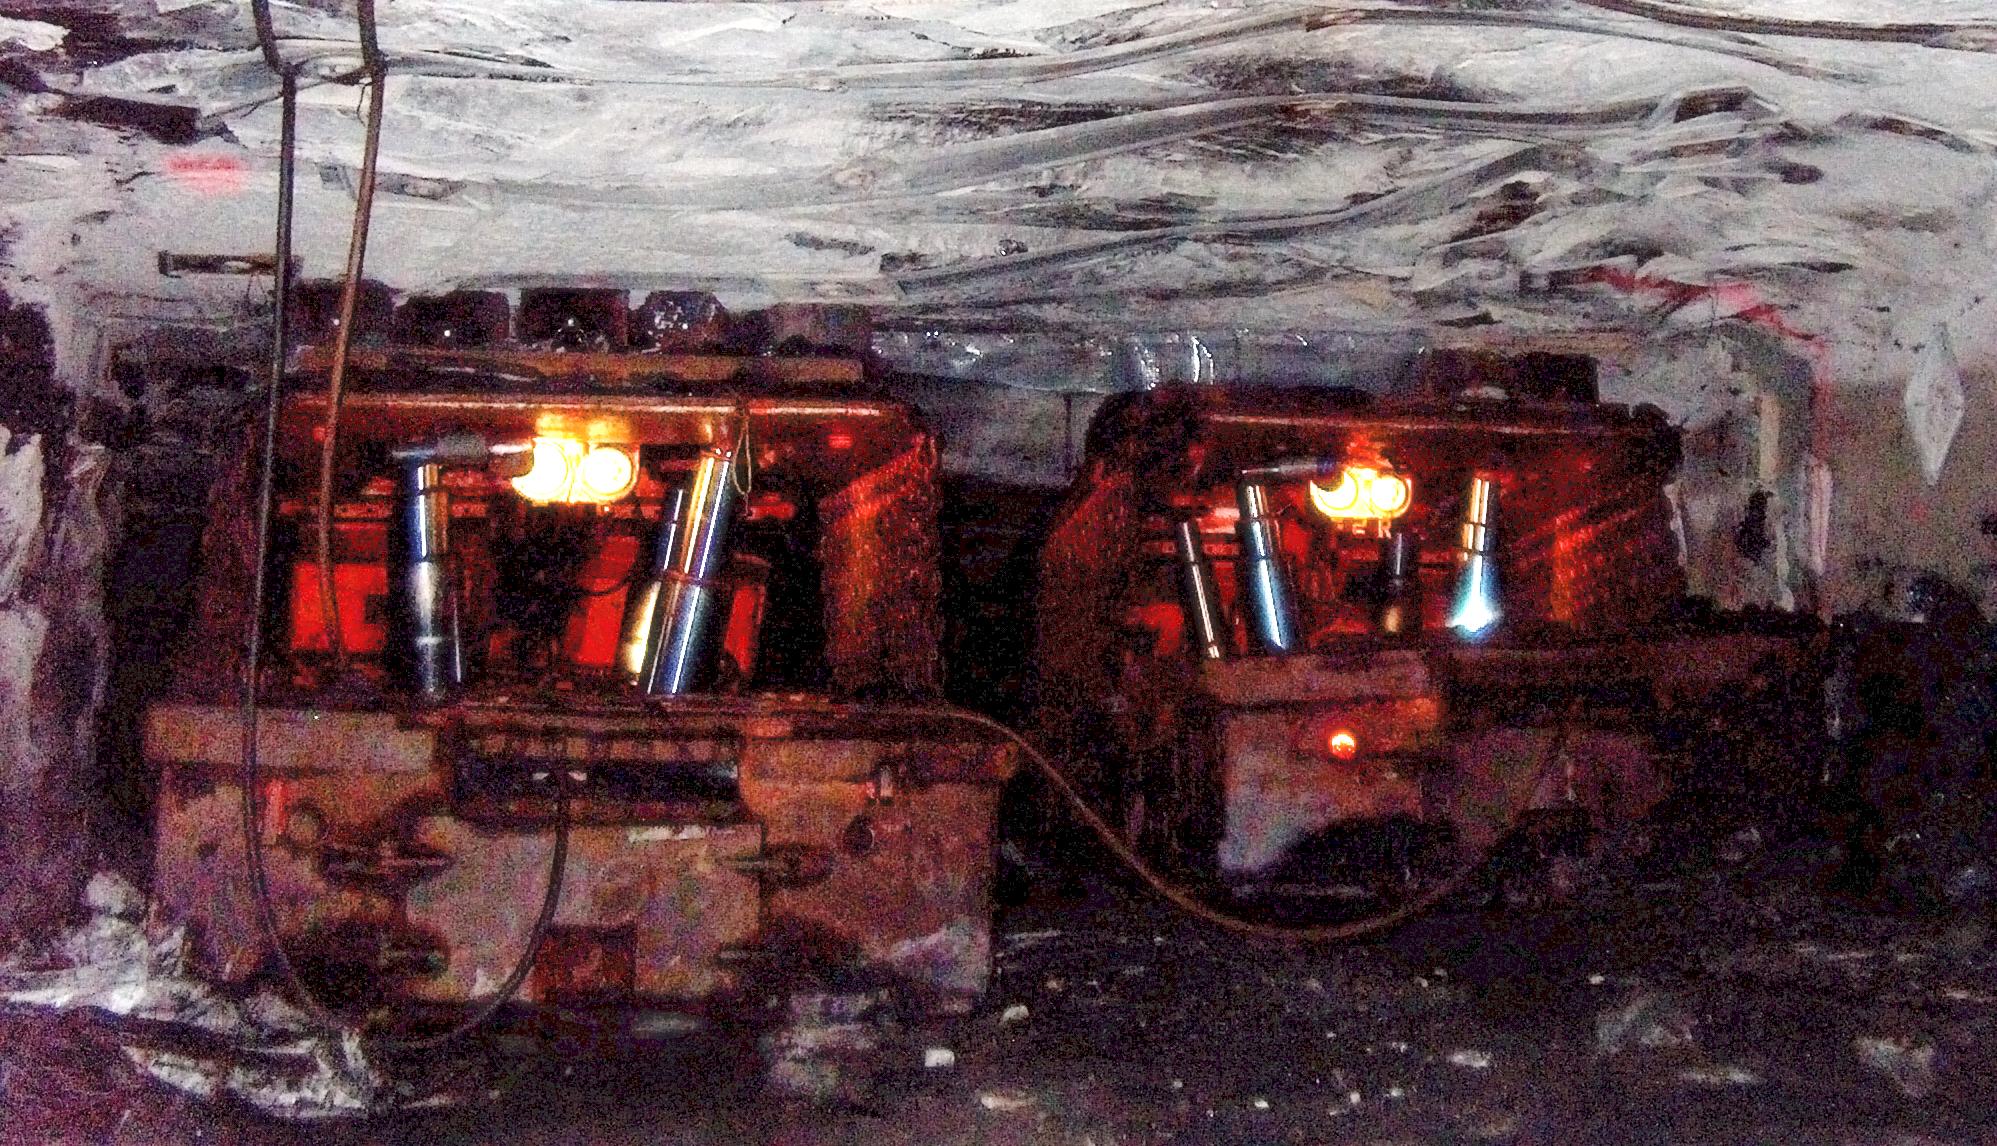 Hazards of underground mining